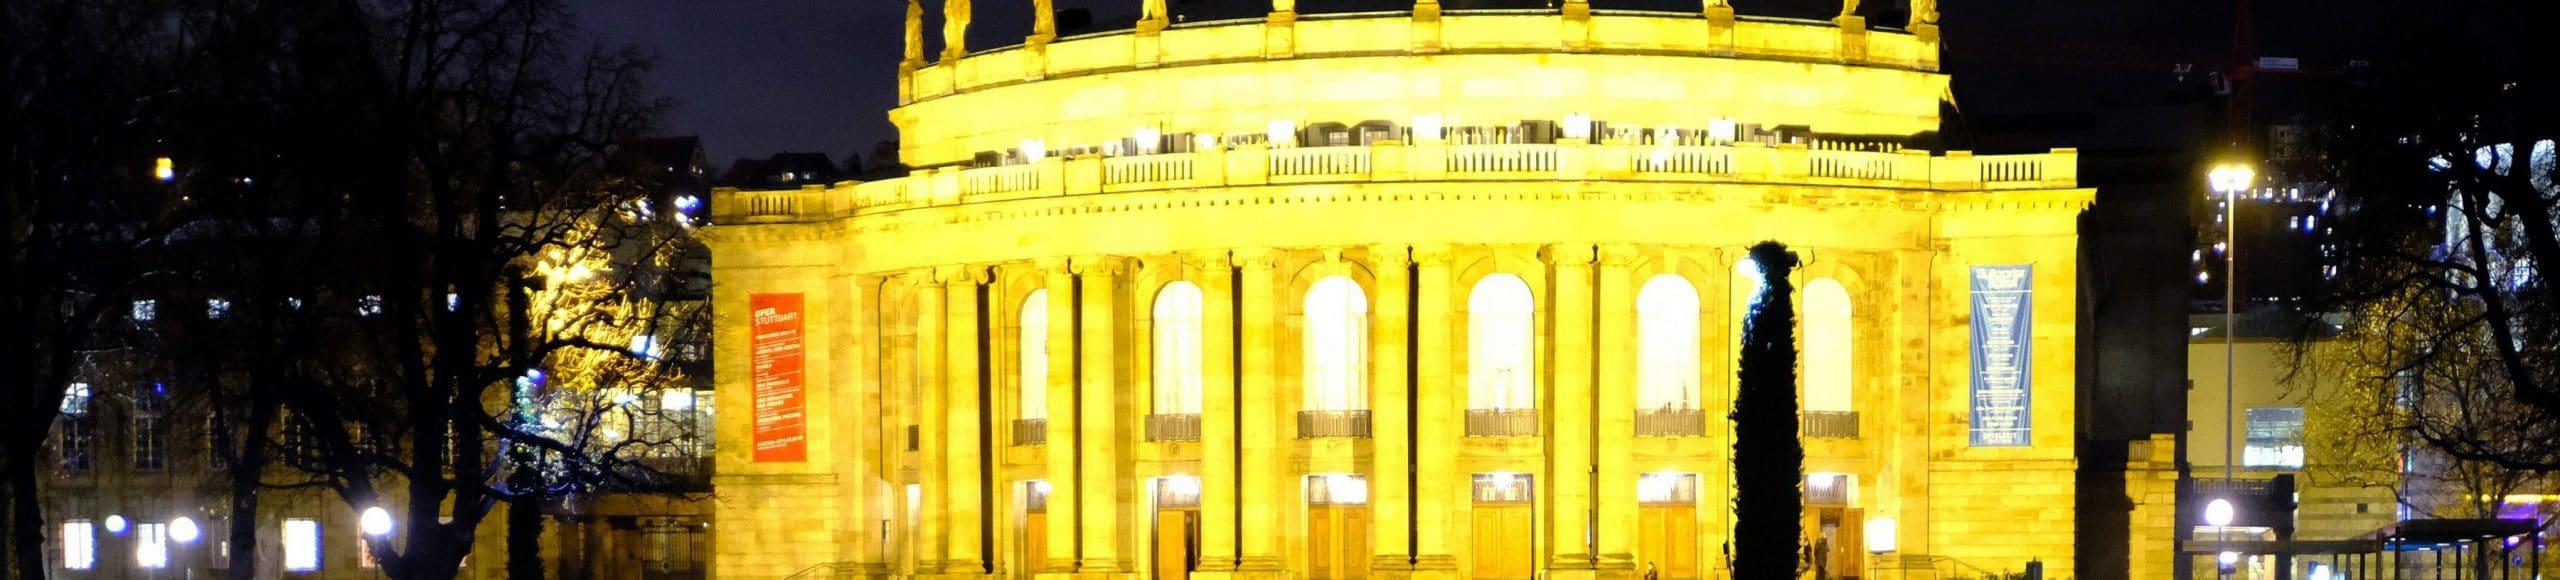 ARCHIV - 22.12.2017, Baden-Württemberg, Stuttgart: Das hell erleuchtete Opernhaus spiegelt sich im Eckensee. Die Pläne, die Oper während der anstehenden Sanierung in einem alten Paketpostamt unterzubringen, sind an den Kosten gescheitert. (zu dpa «Zeitplan der geplanten Opernsanierung steht auf der Kippe» vom 11.05.2018) Foto: Bernd Weißbrod/dpa +++ dpa-Bildfunk +++